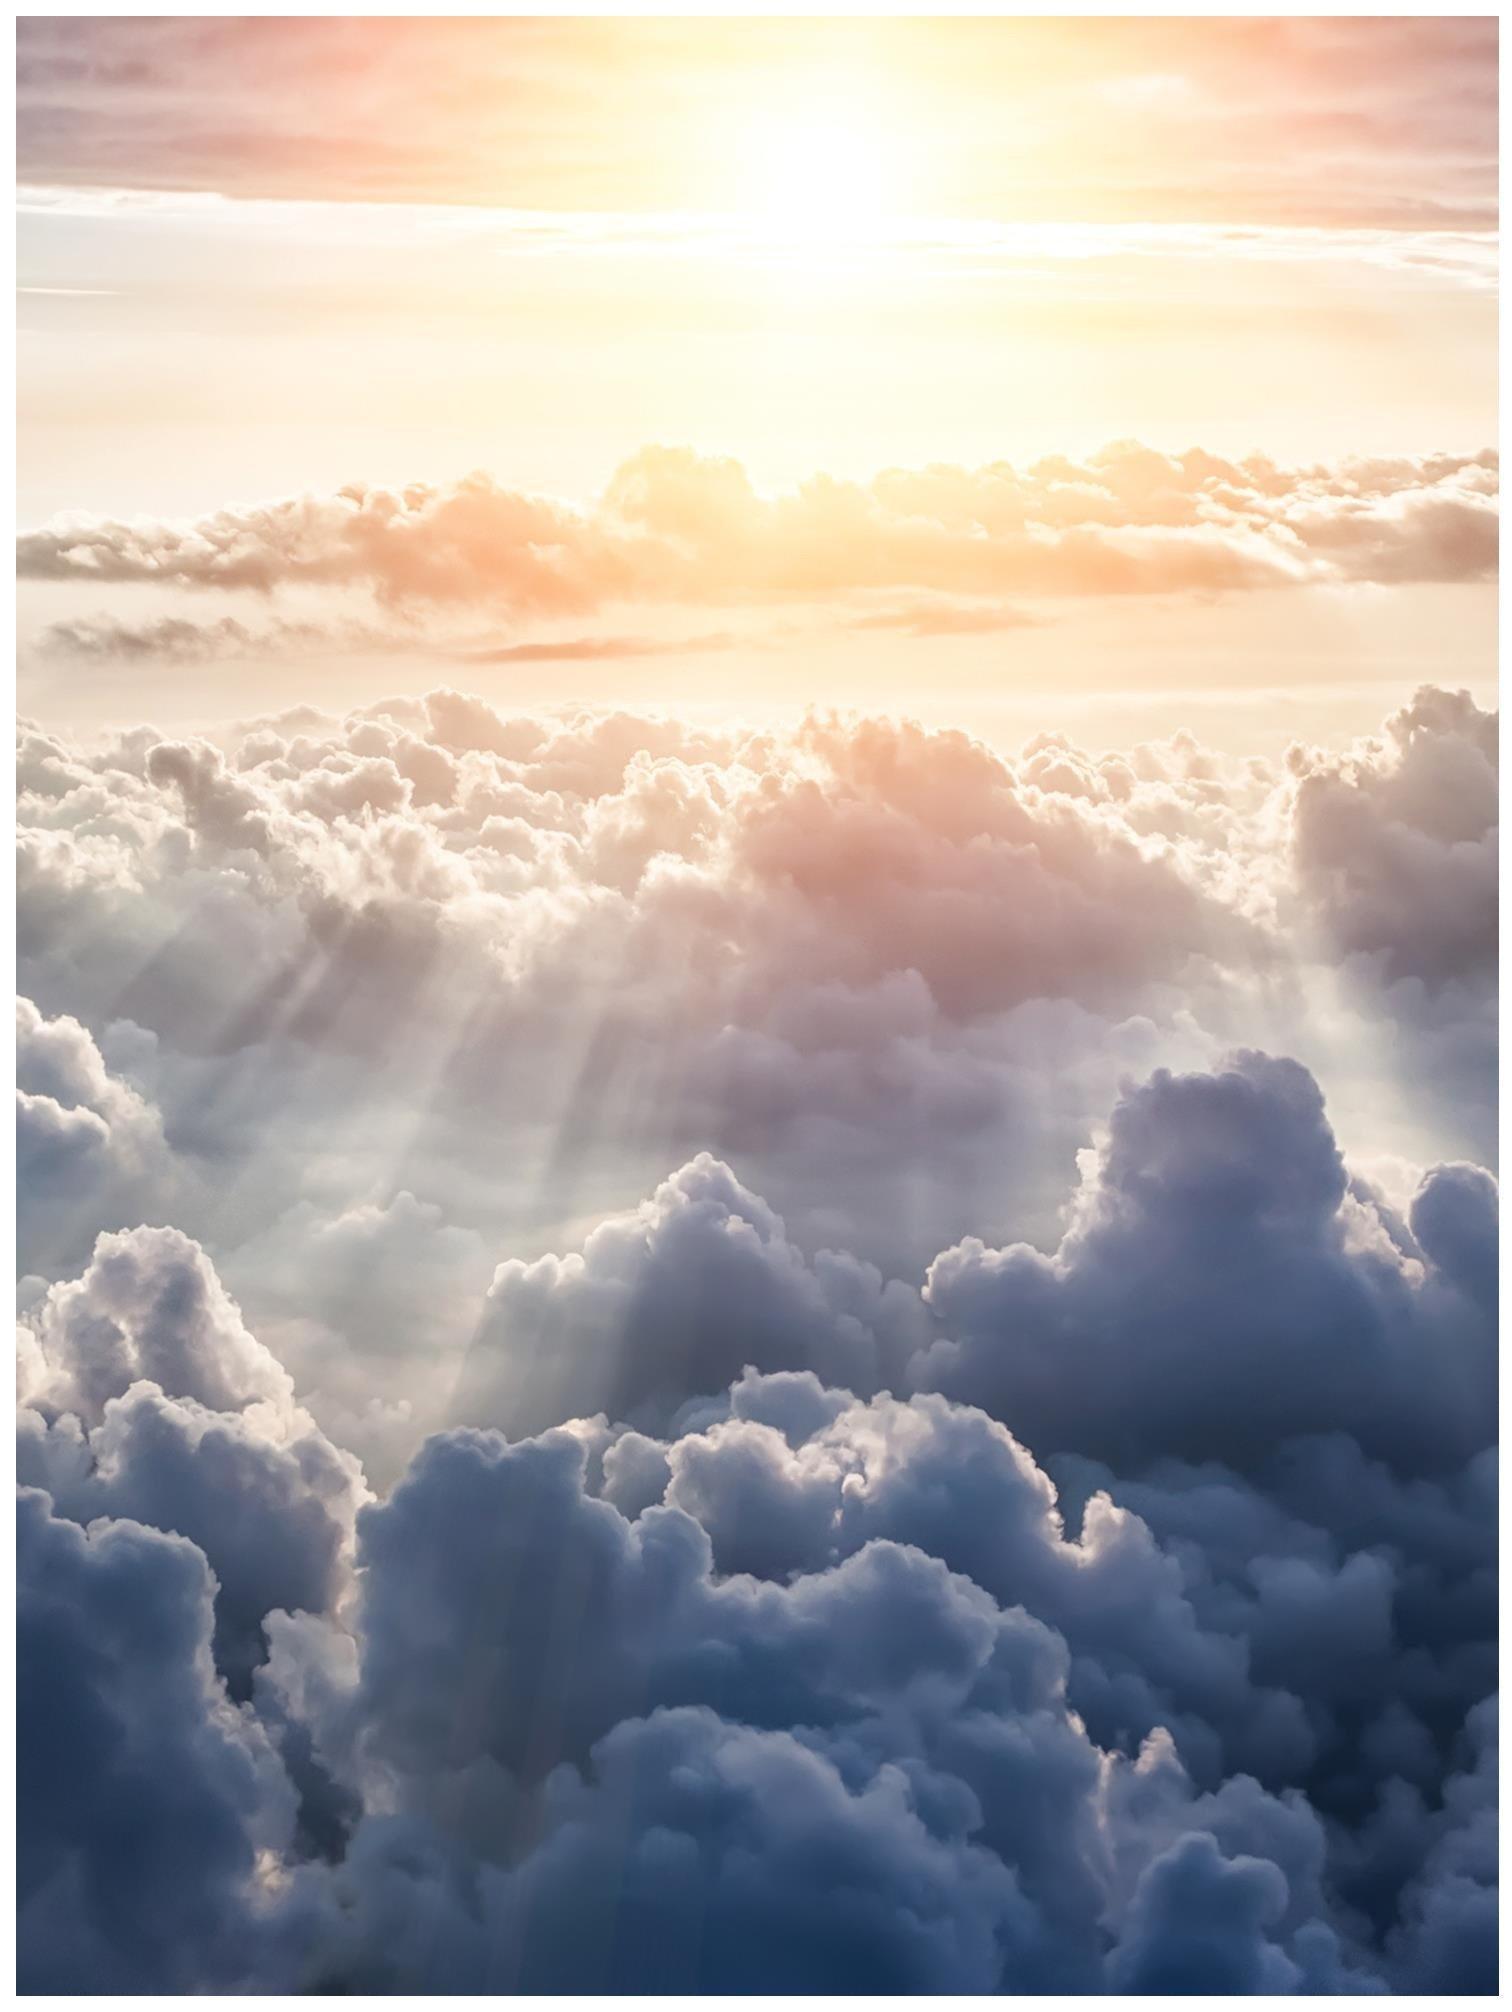 Fototapeta niebo chmury promienie słońca